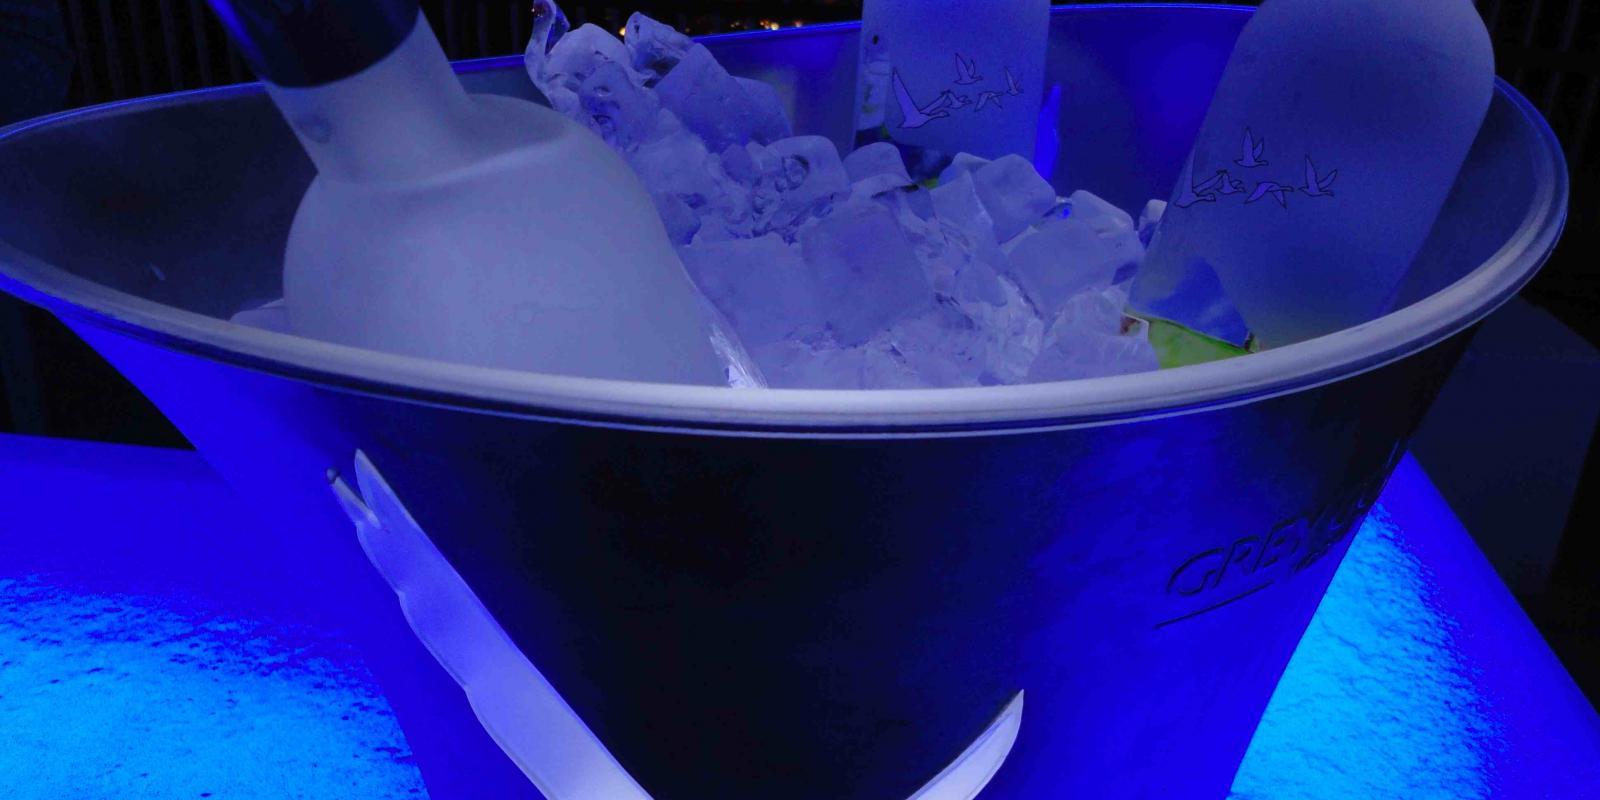 Image décrivant le produit Grey Goose qui fait partie des Vodkas